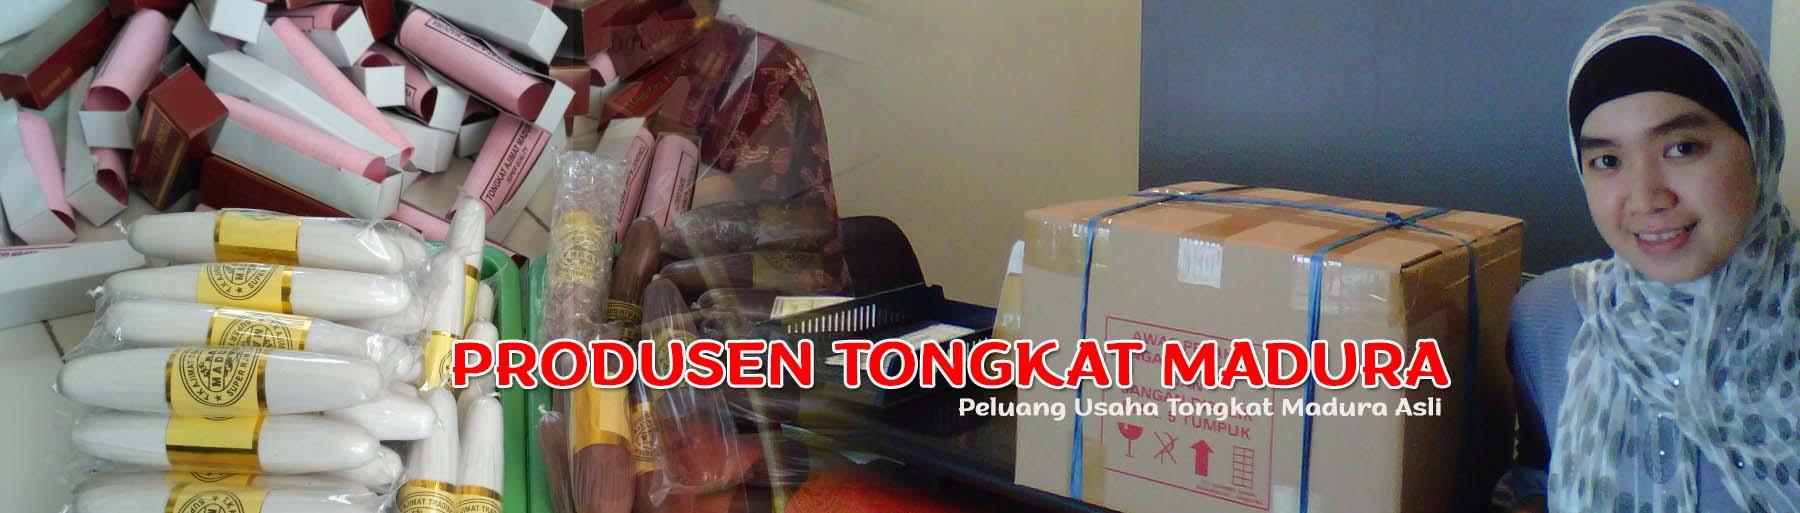 Melayani Pembuatan Tongkat Madura